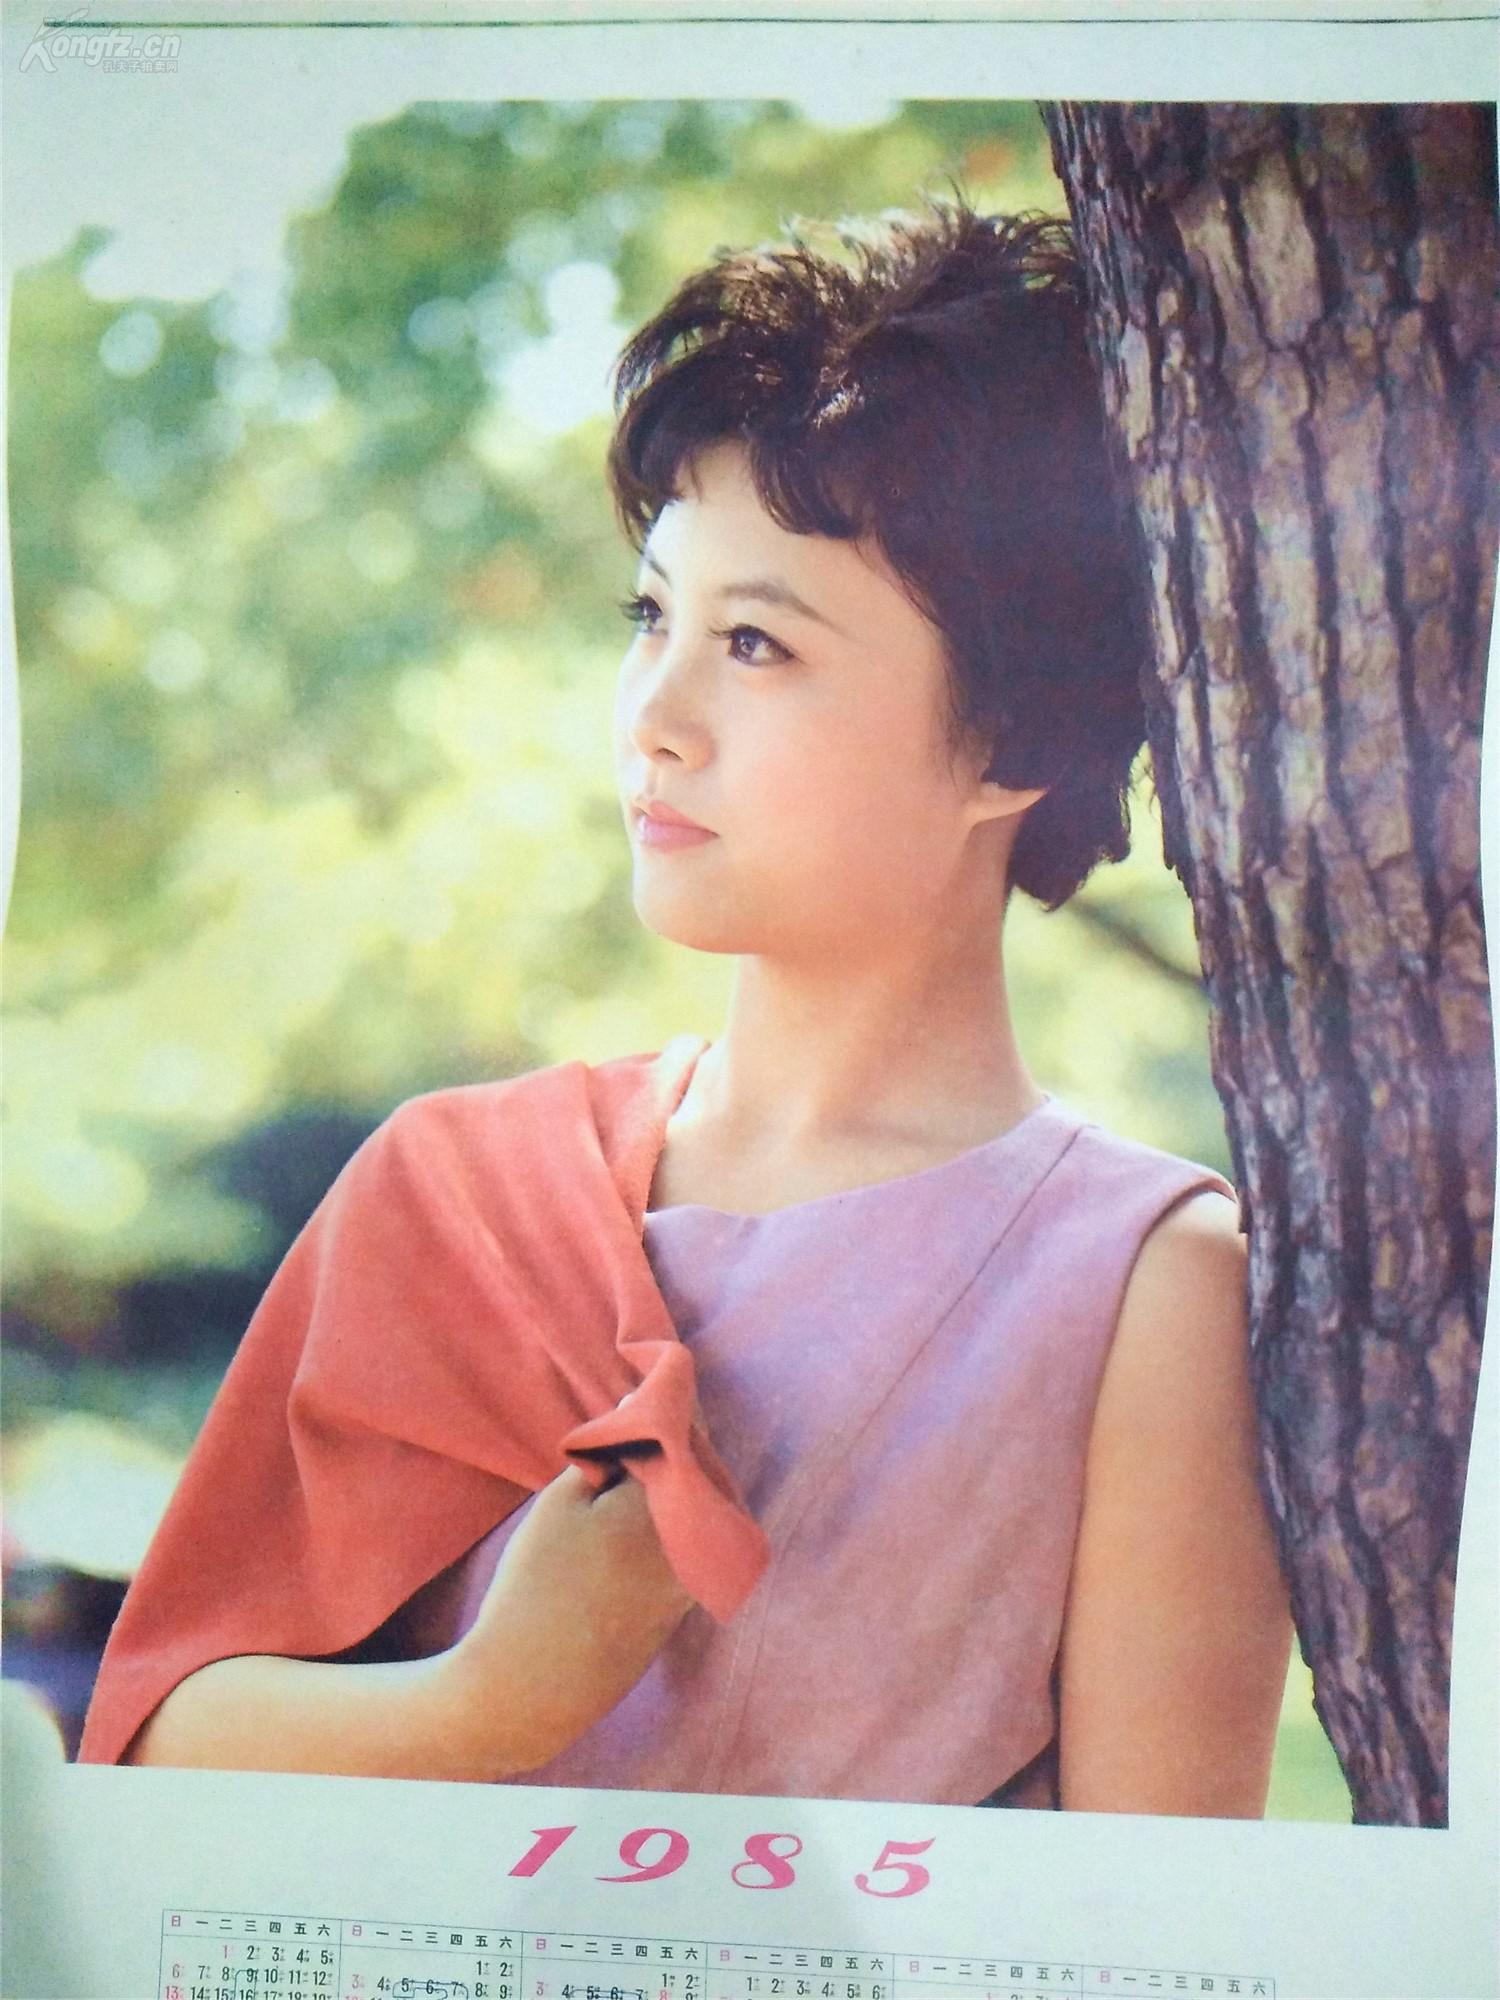 1985年年画美女〉美女第一集潮〈吹百度依树年历图片